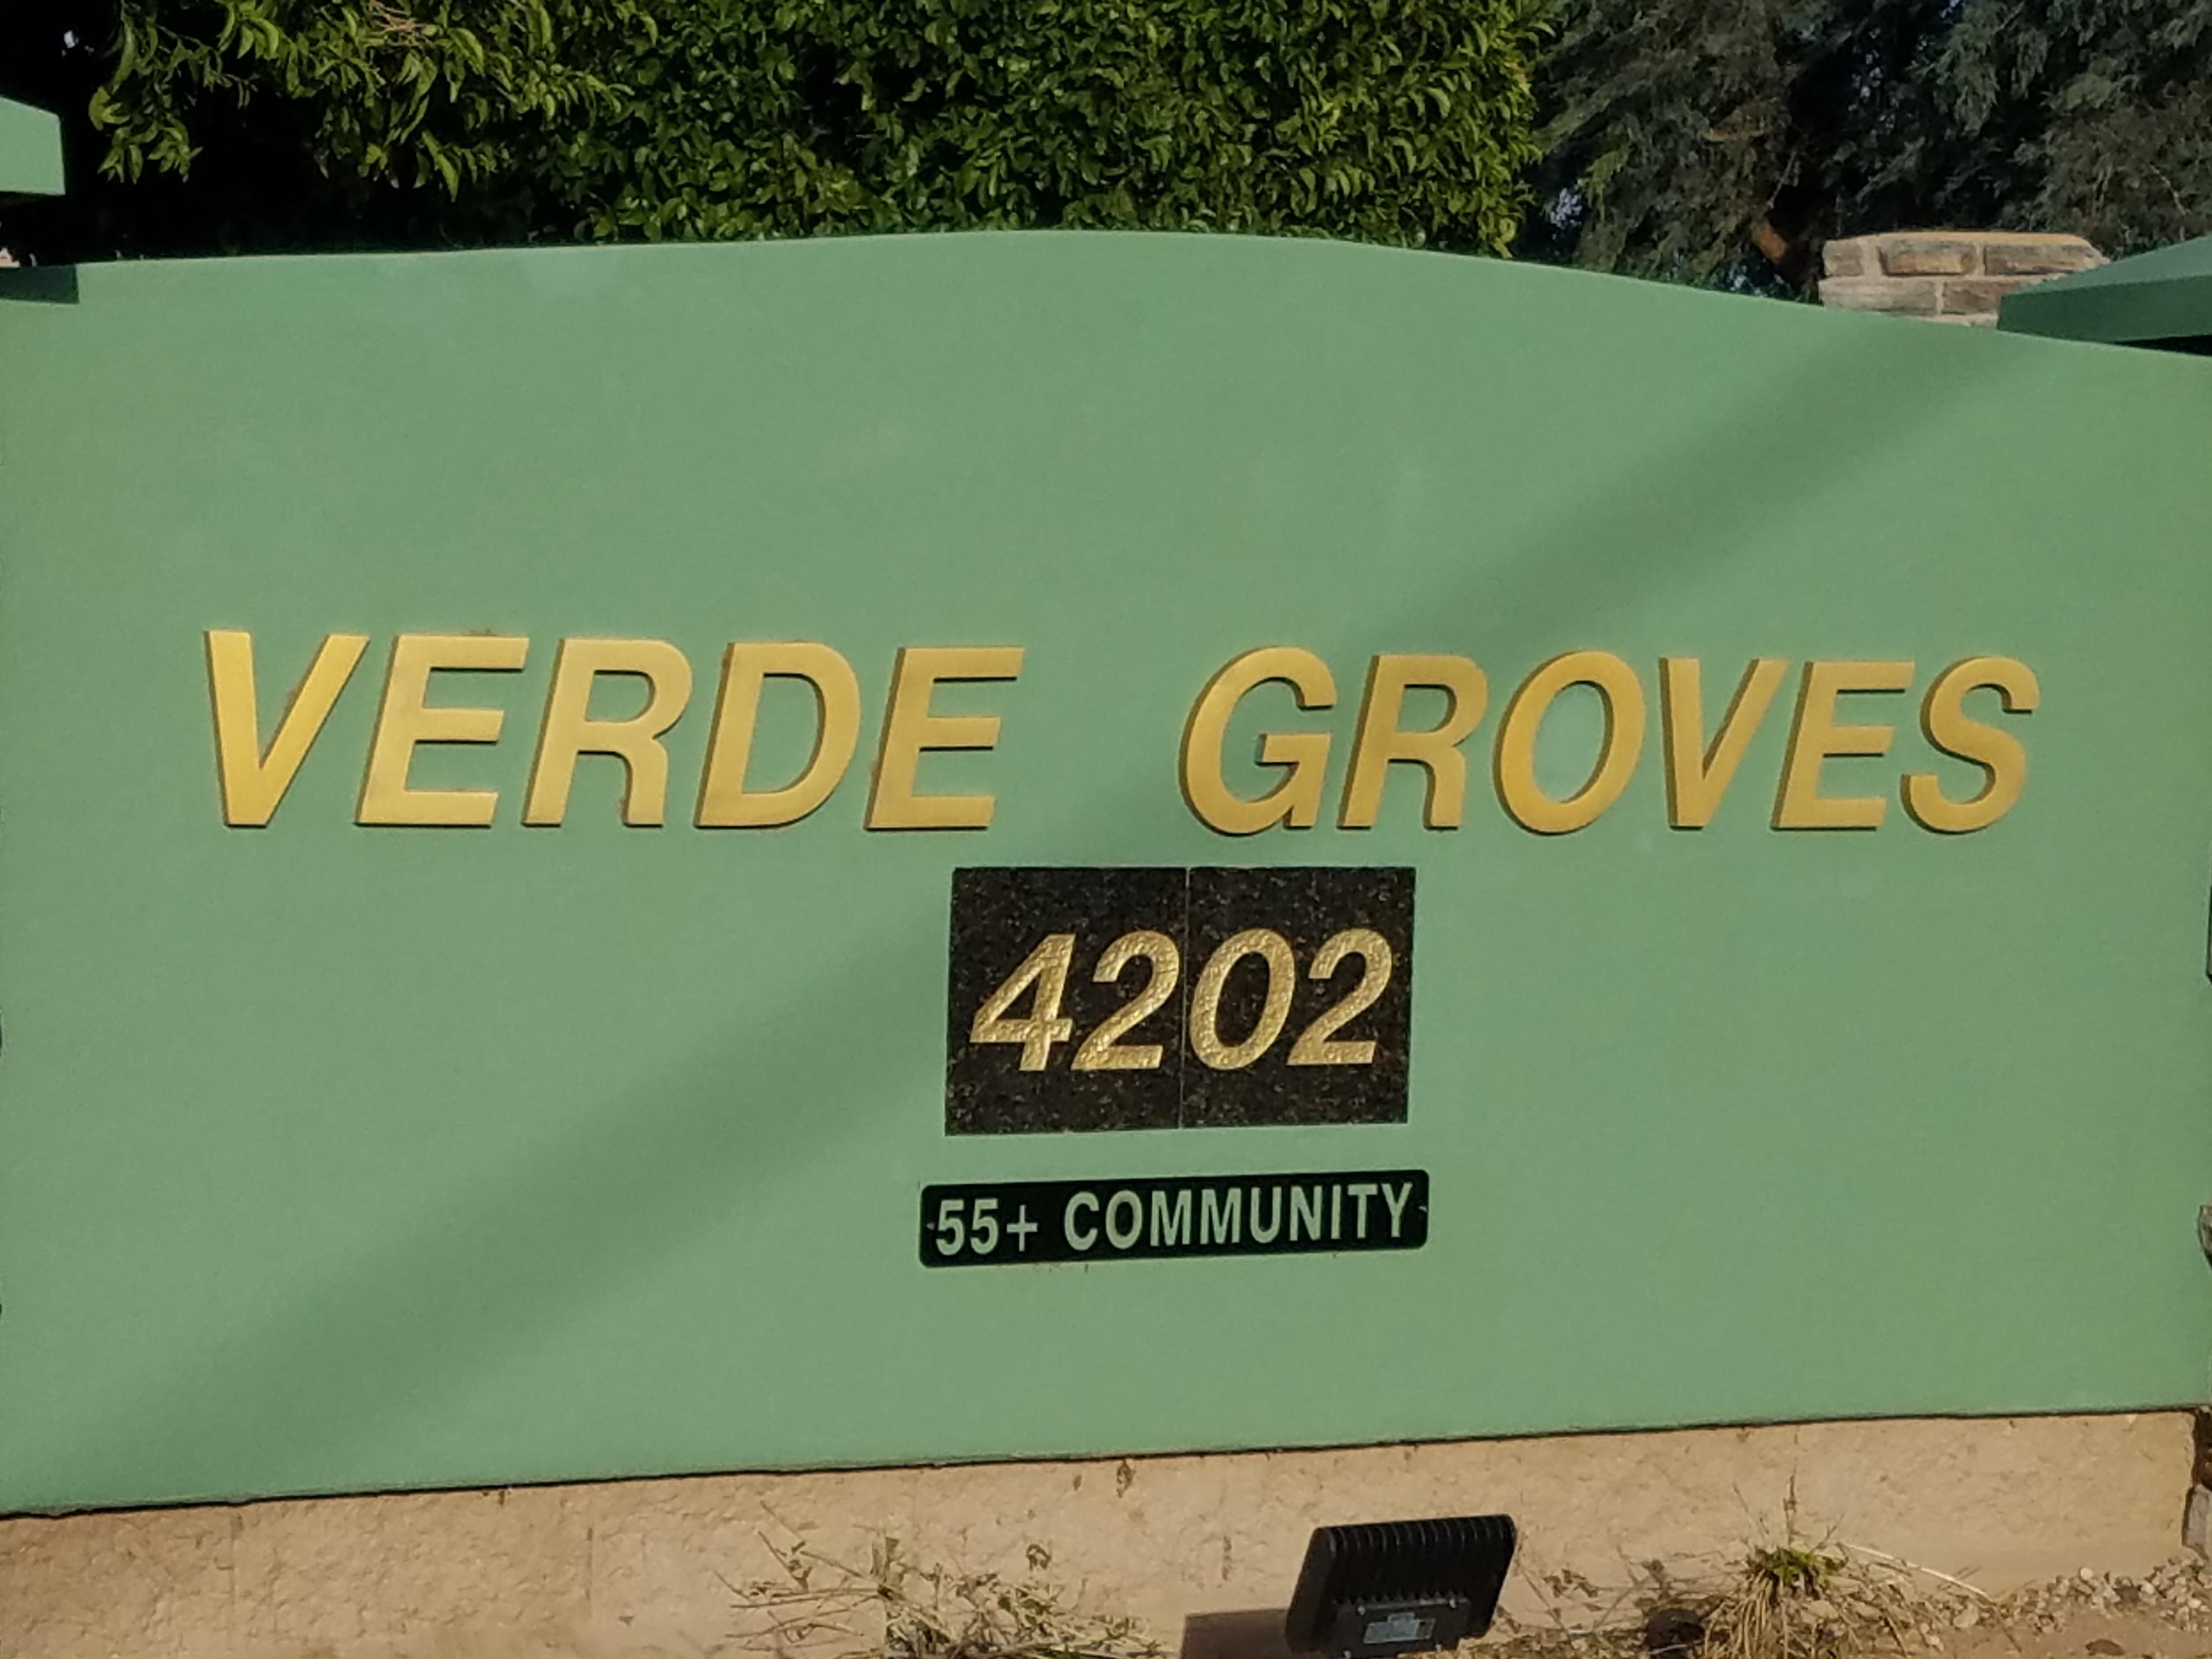 Verde Groves